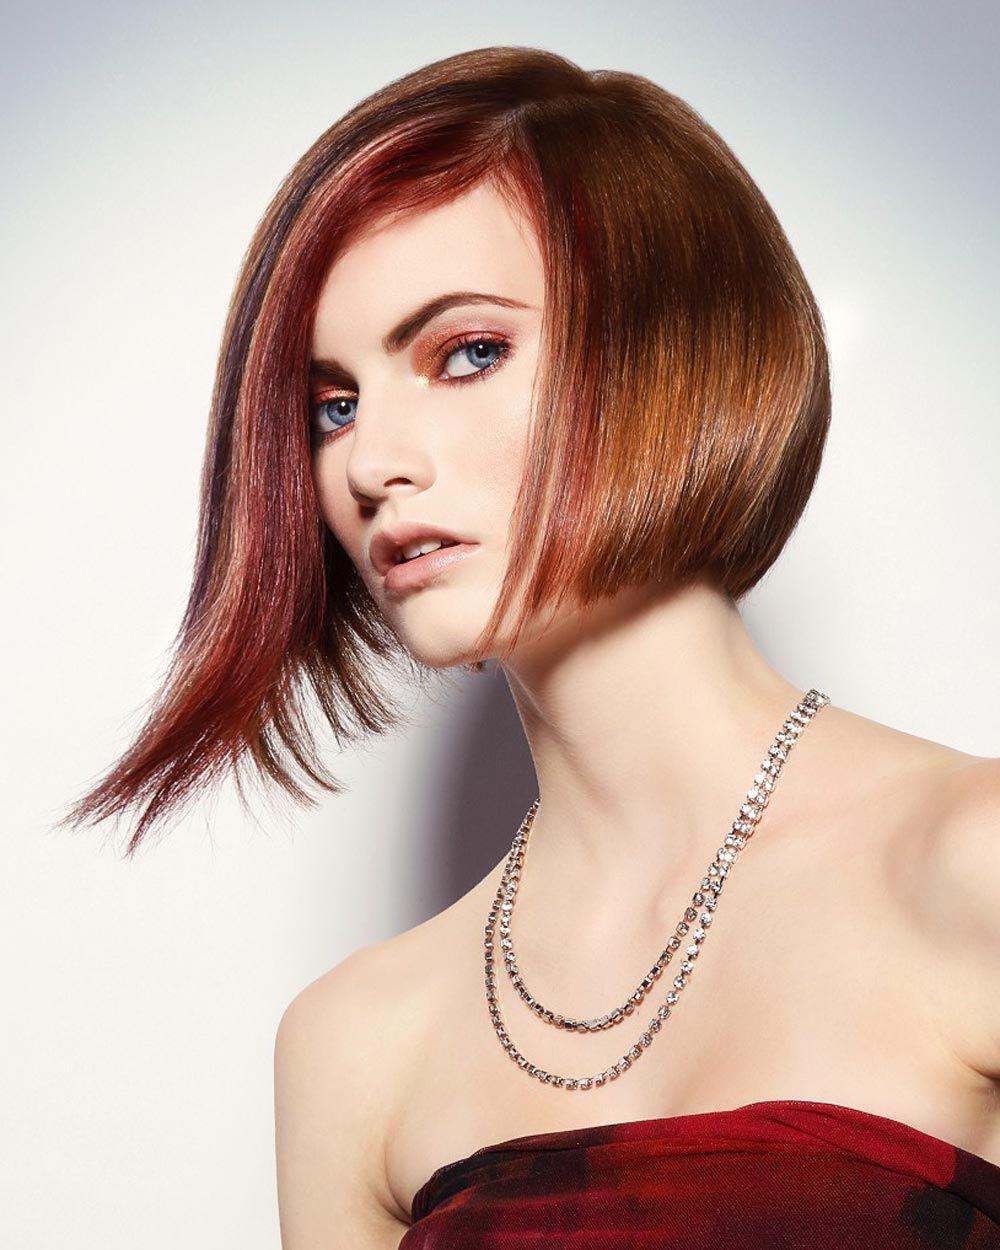 Hnedočervená farba roka Marsala dobyla aj farby na vlasy aj odtiene prírodných melírov. (Kolekcia: Sculpted Collection, vlasy: Douglas Carroll Salon)